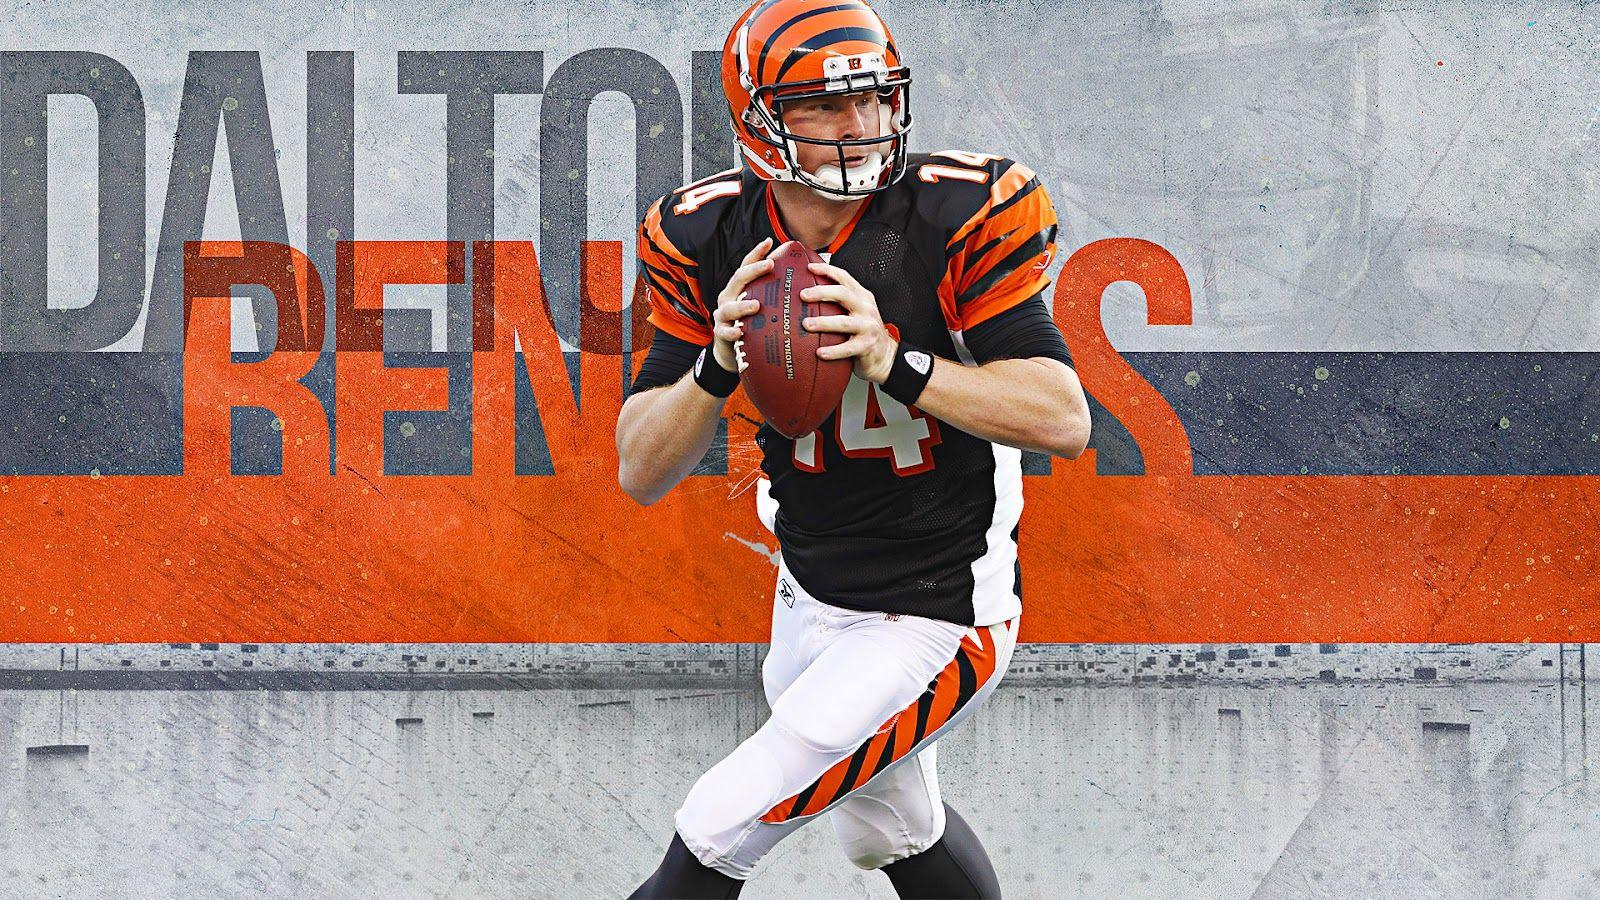 Cincinnati Bengals Wallpaper Andy Dalton Cincinnati Bengals Cincinnati Bengals Bengals Cincinnati Bengals Football